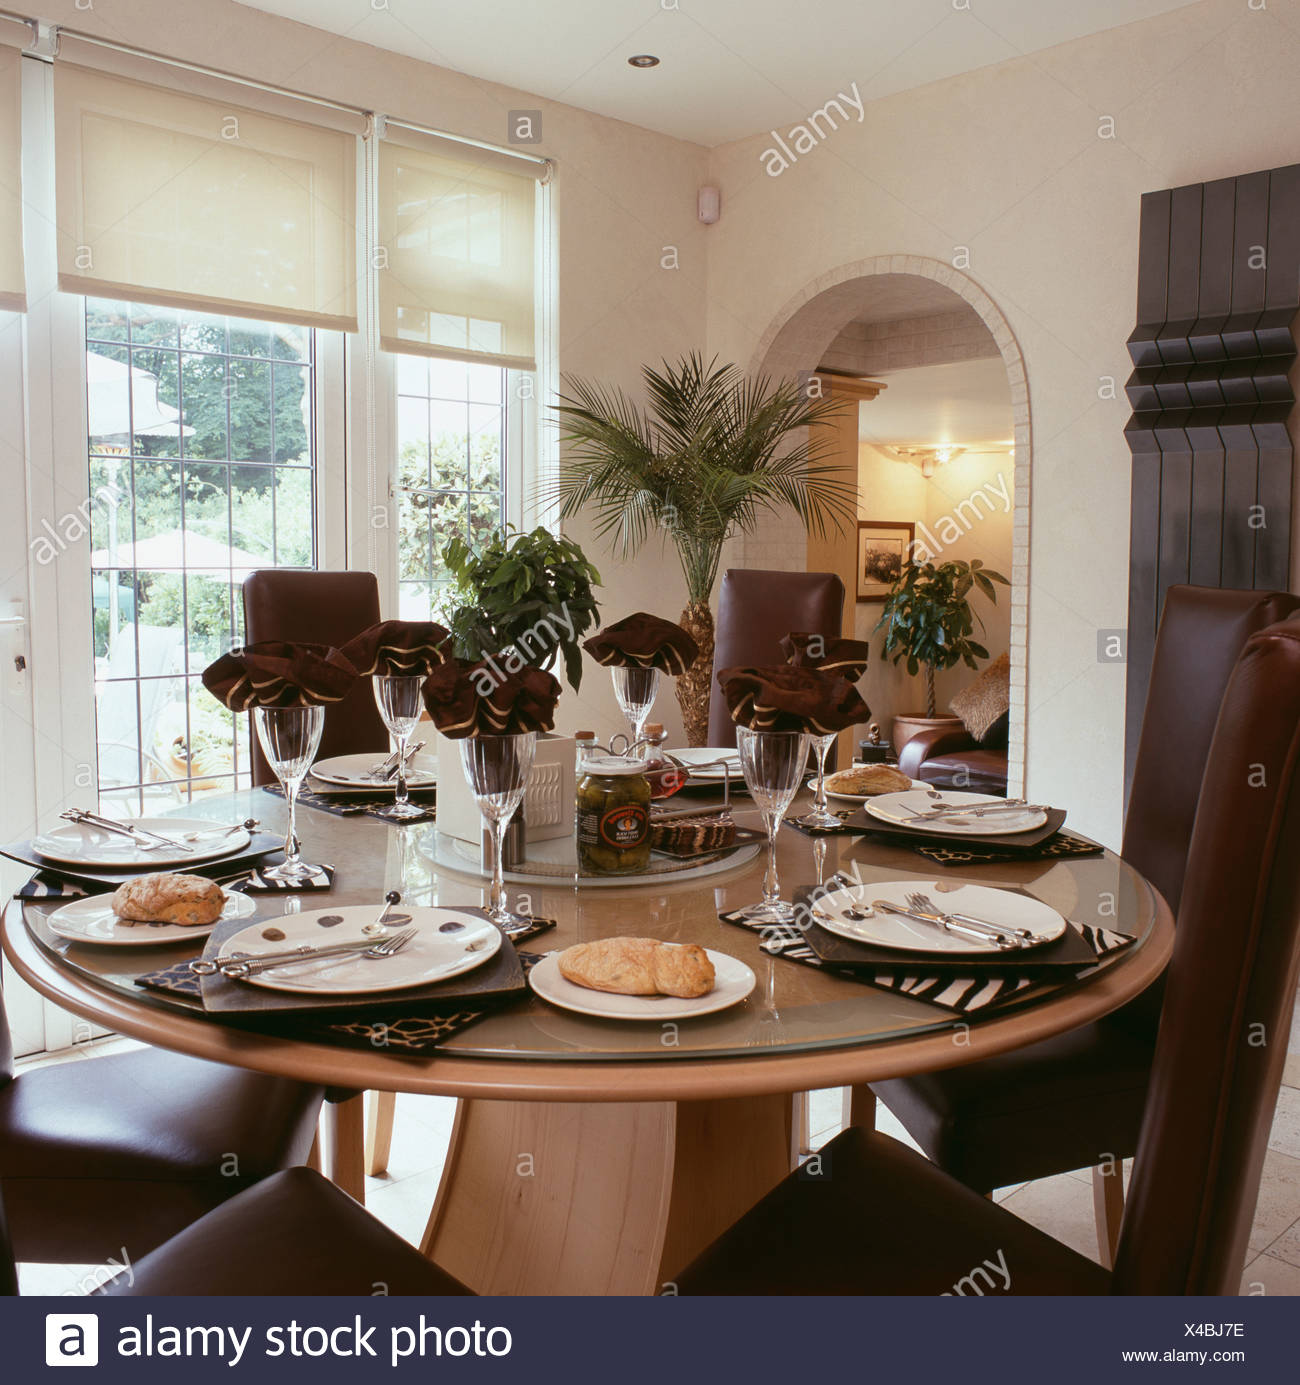 Circulaire Moderne Set De Table Pour Le Déjeuner Dans La Salle à Manger  Traditionnelle Avec Stores Blanc Sur La Fenêtre Et Potted Palm à Corner